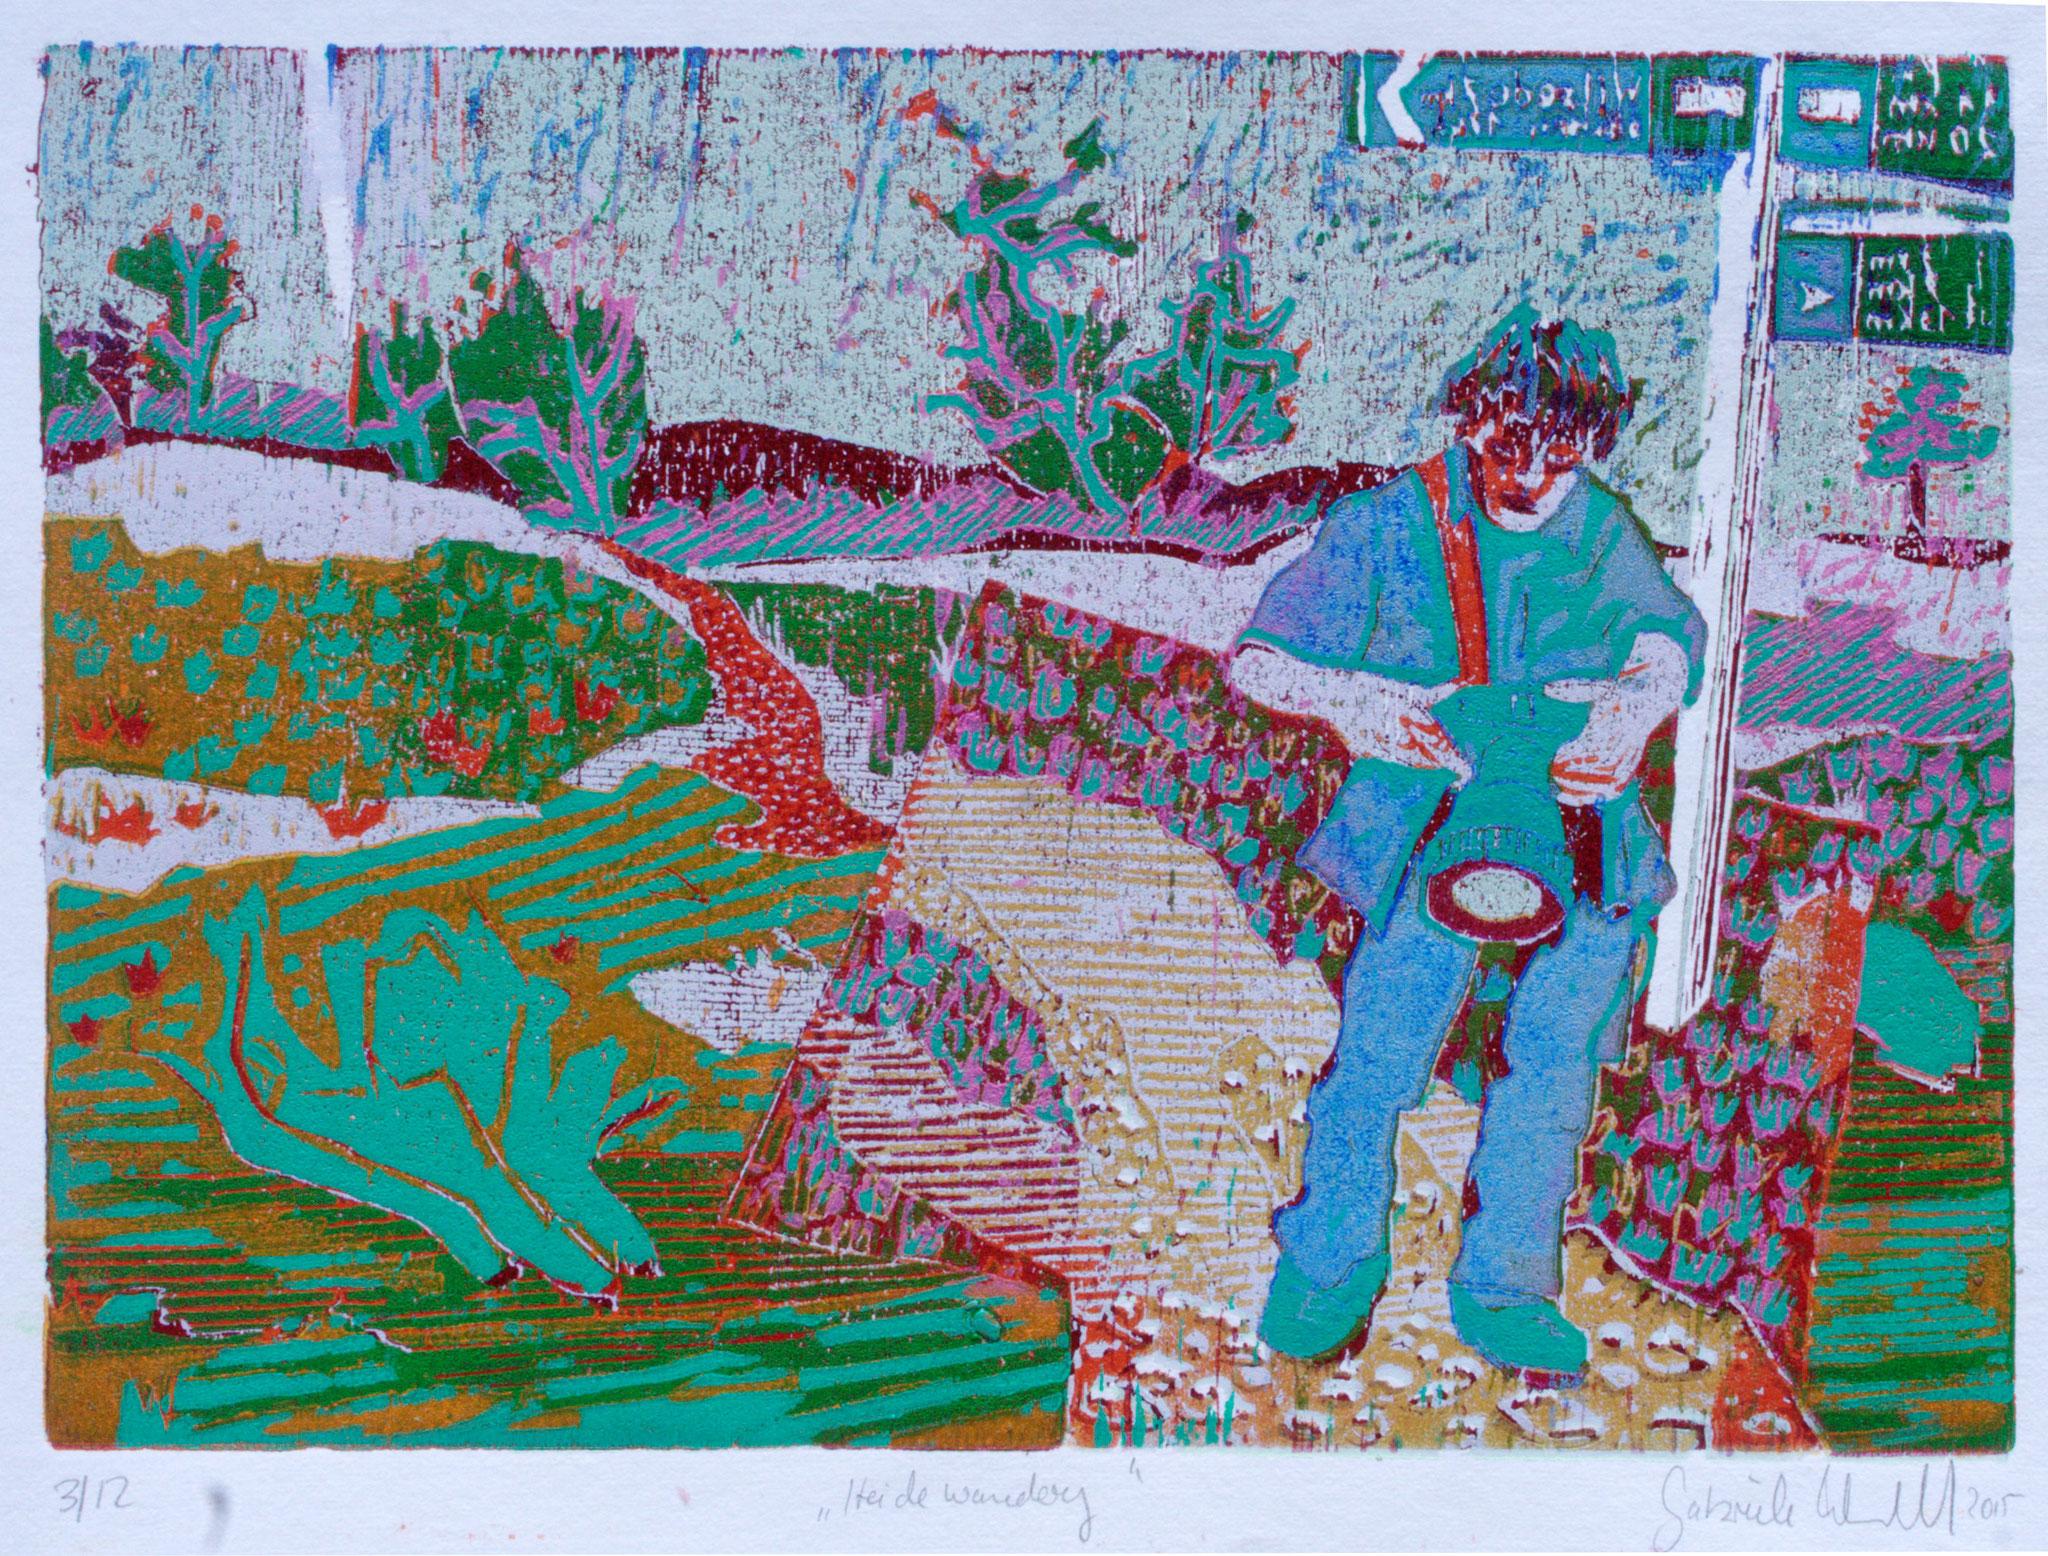 Heidewanderung · 2017, Holzschnitt 21 x 30 cm